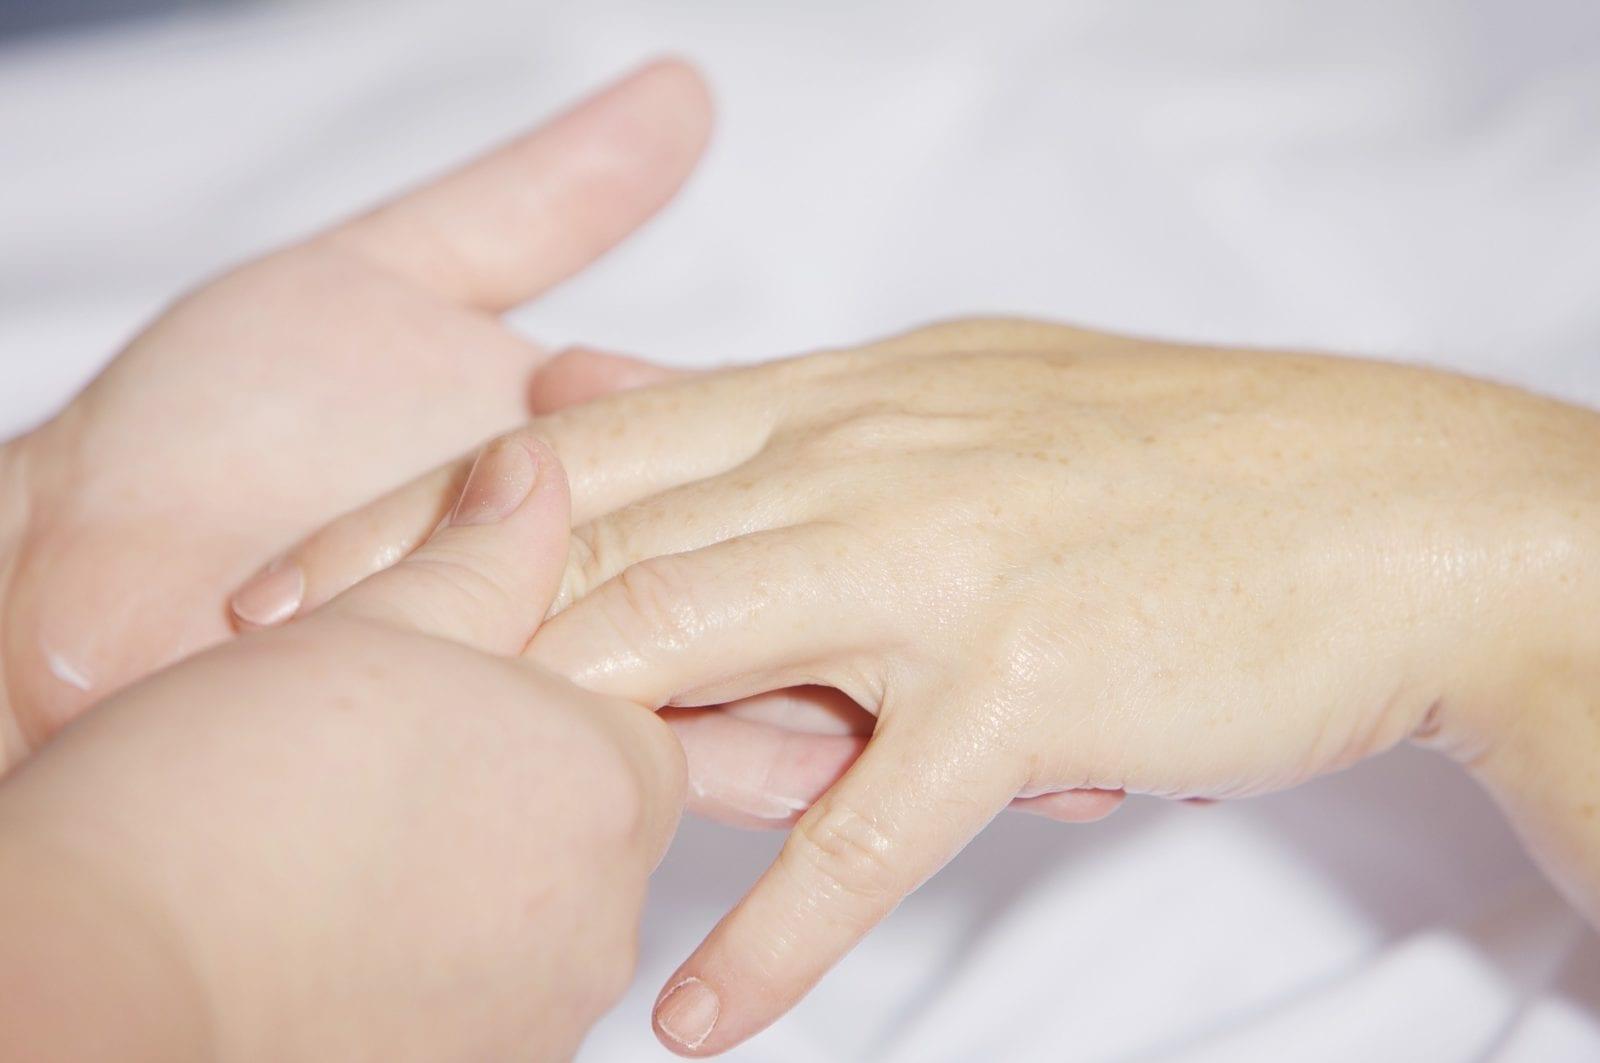 Maniküre und Nagelpflege - Kosmetik Artemania Fehraltorf - Nail Art - Beauty und Care